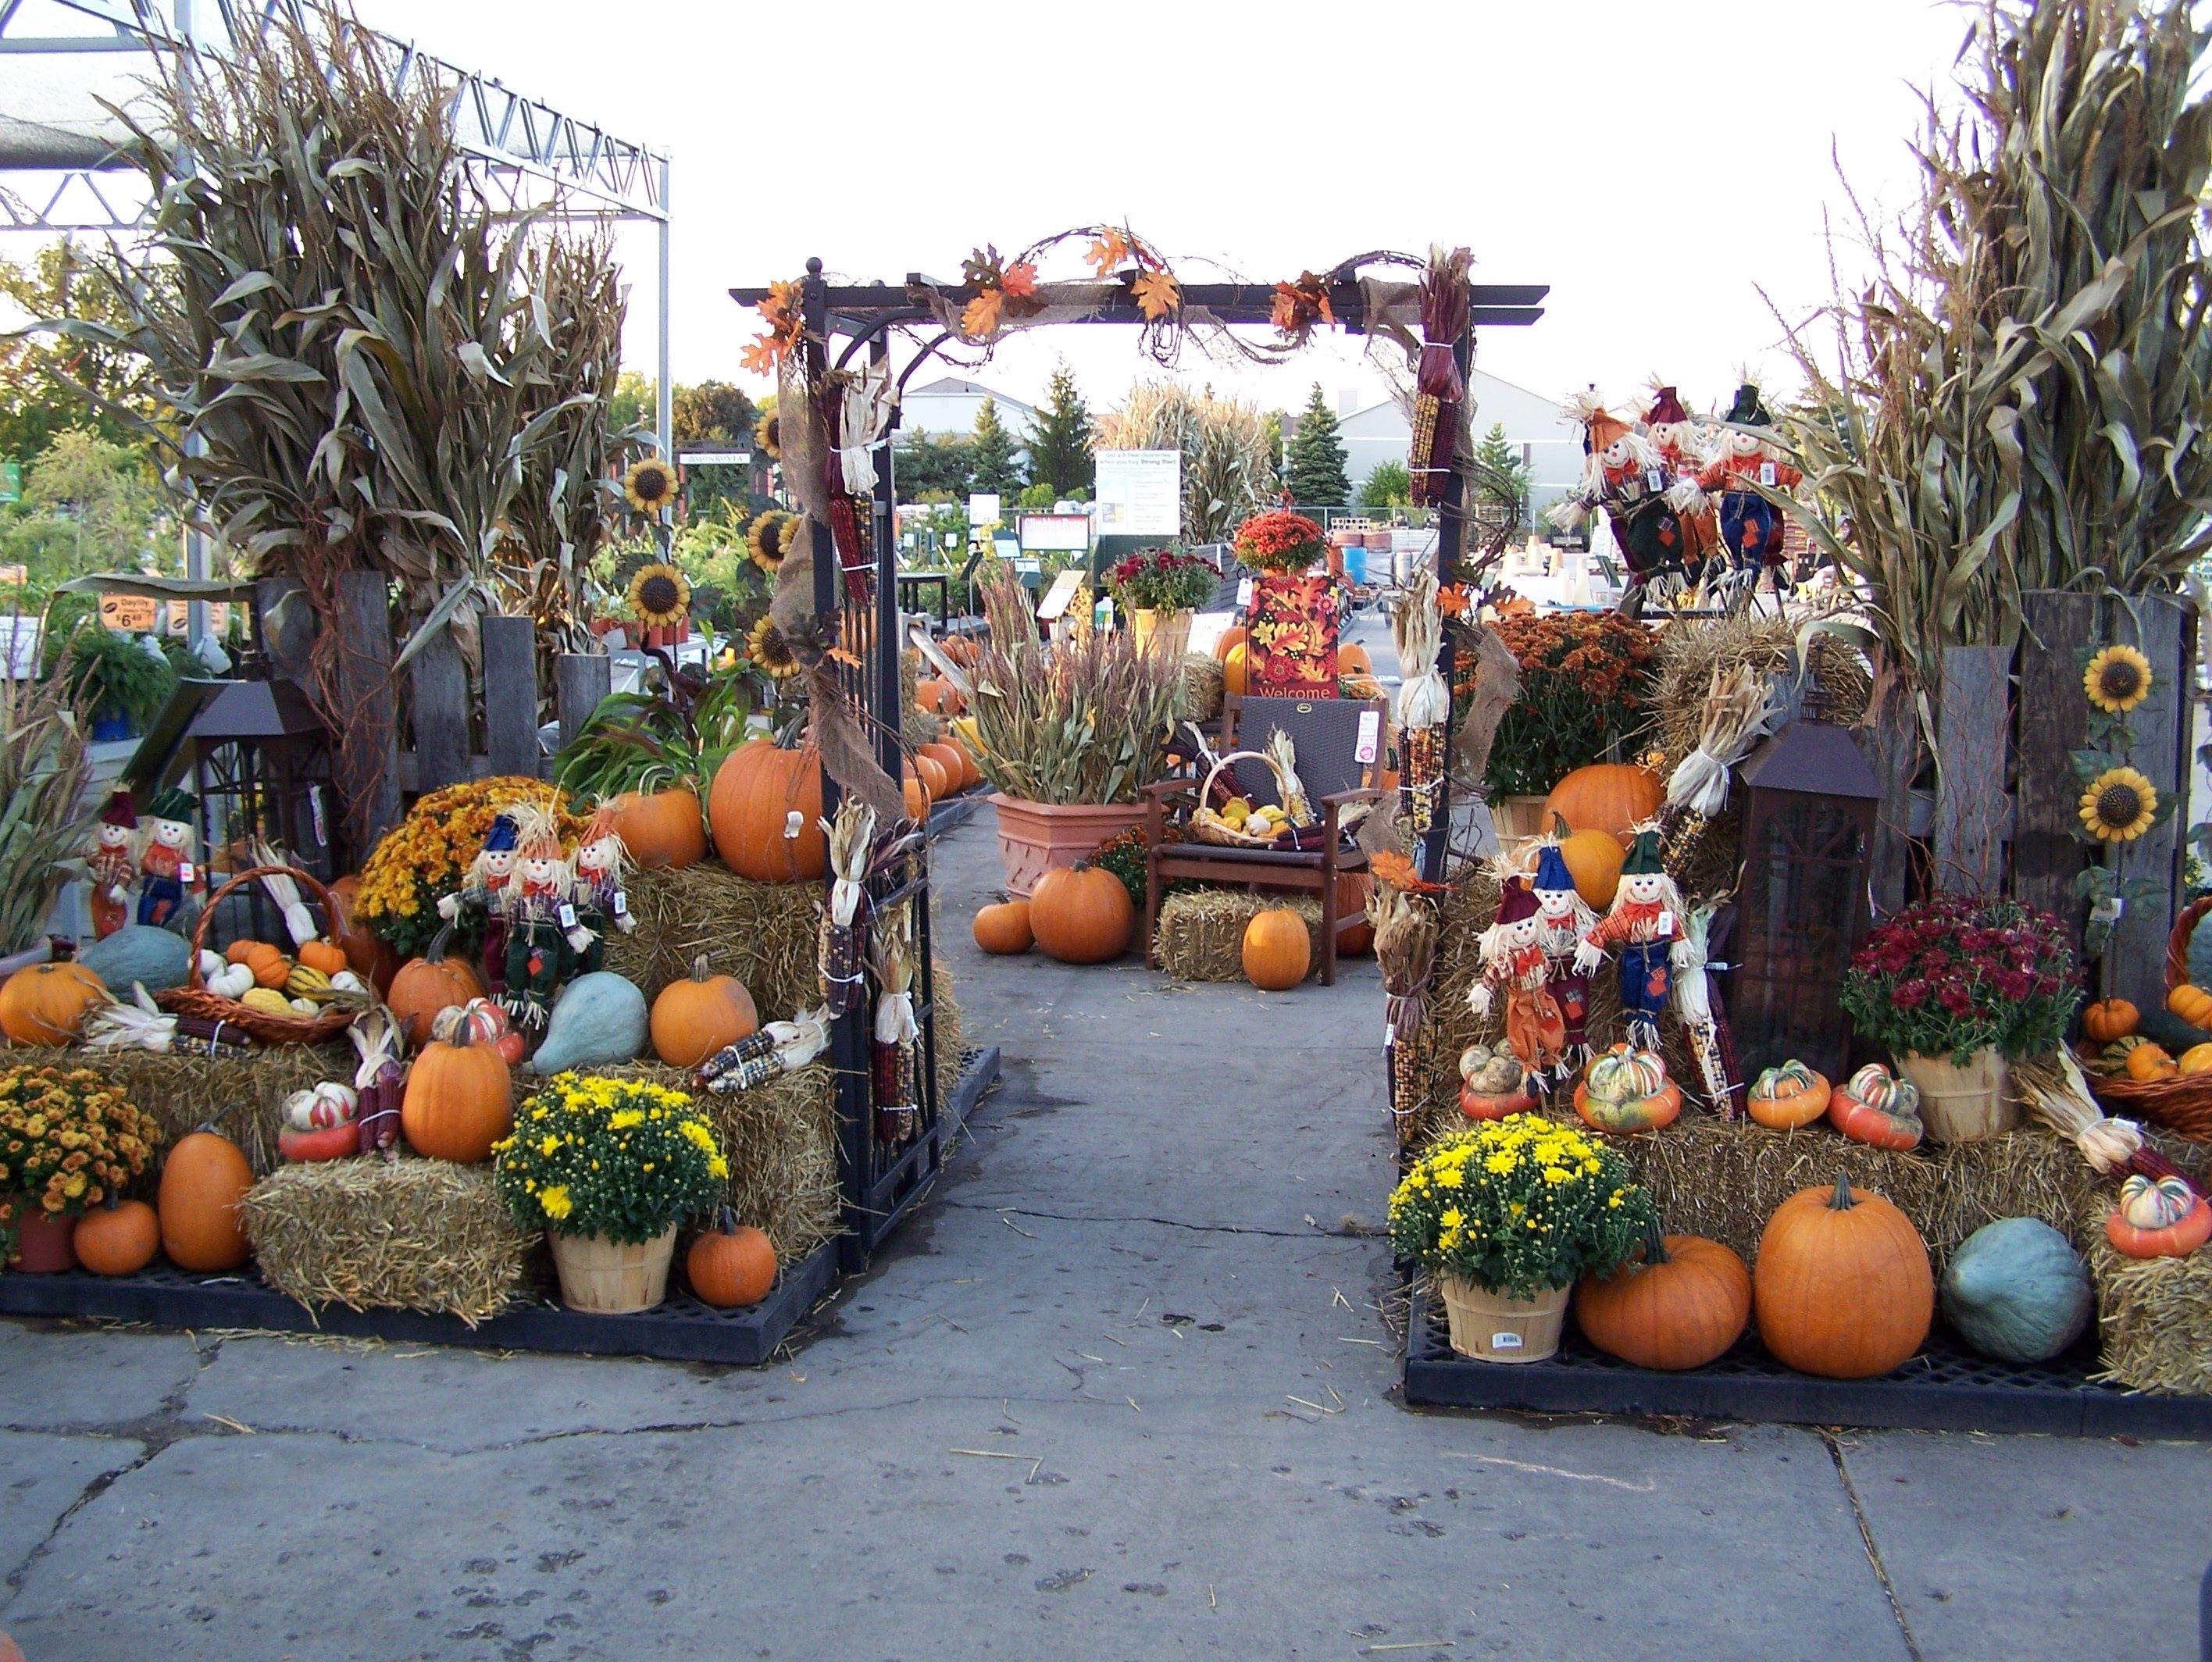 Pin By Babyone57 On Garden Center Garden Center Displays Scarecrows For Garden Autumn Display